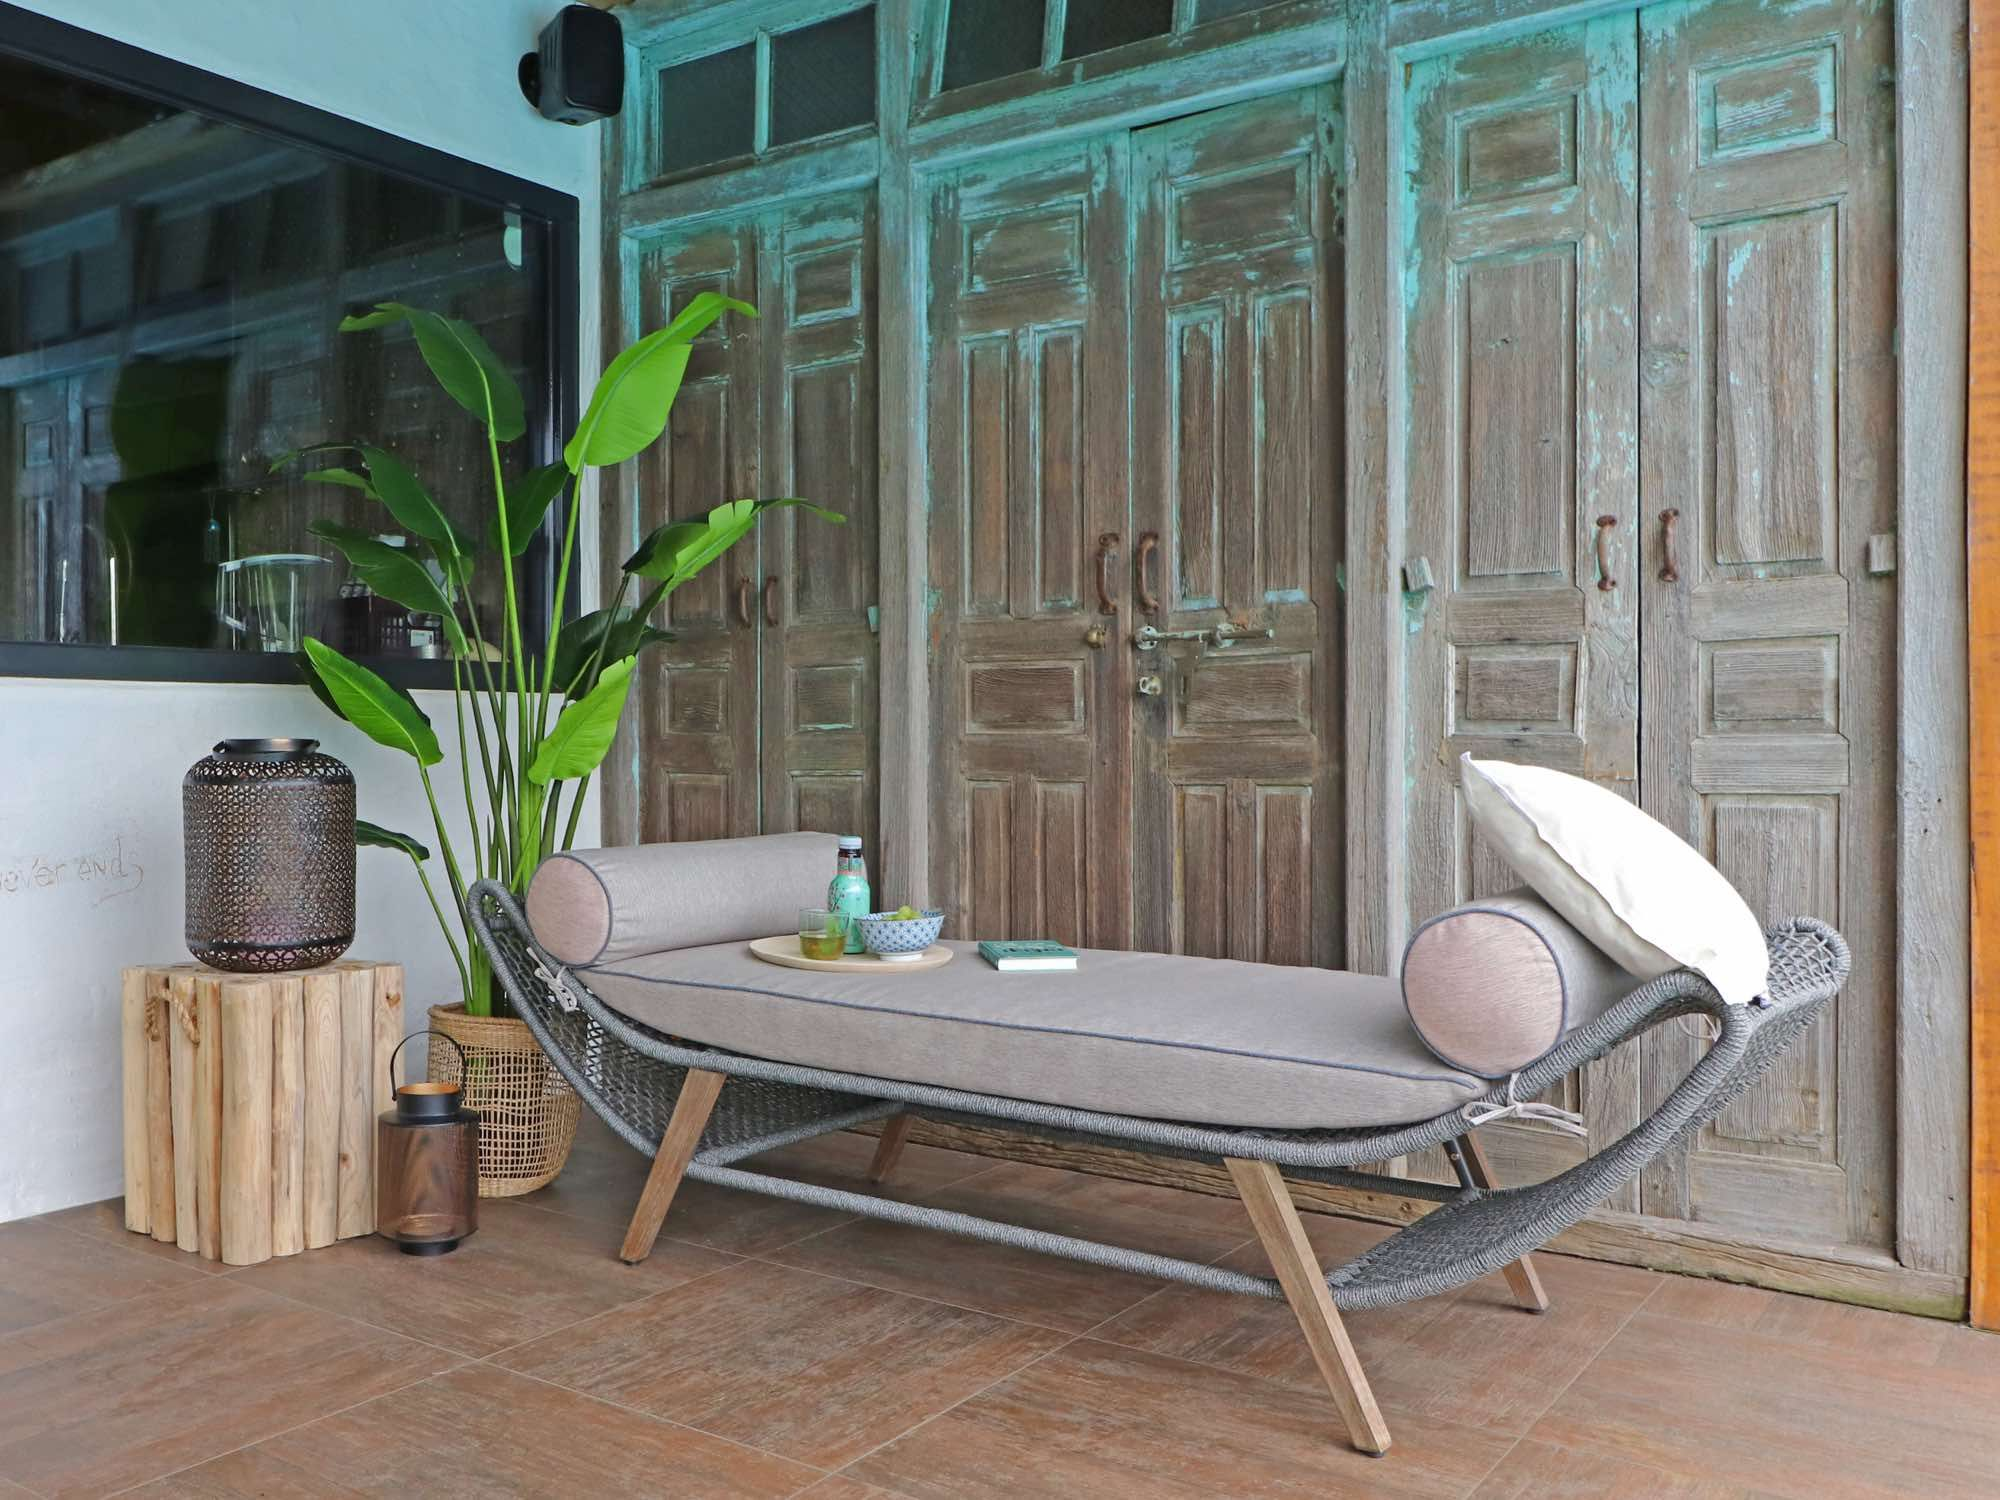 Luxe ligbed voor in de tuin. ibiza style garden tuinmeubelen